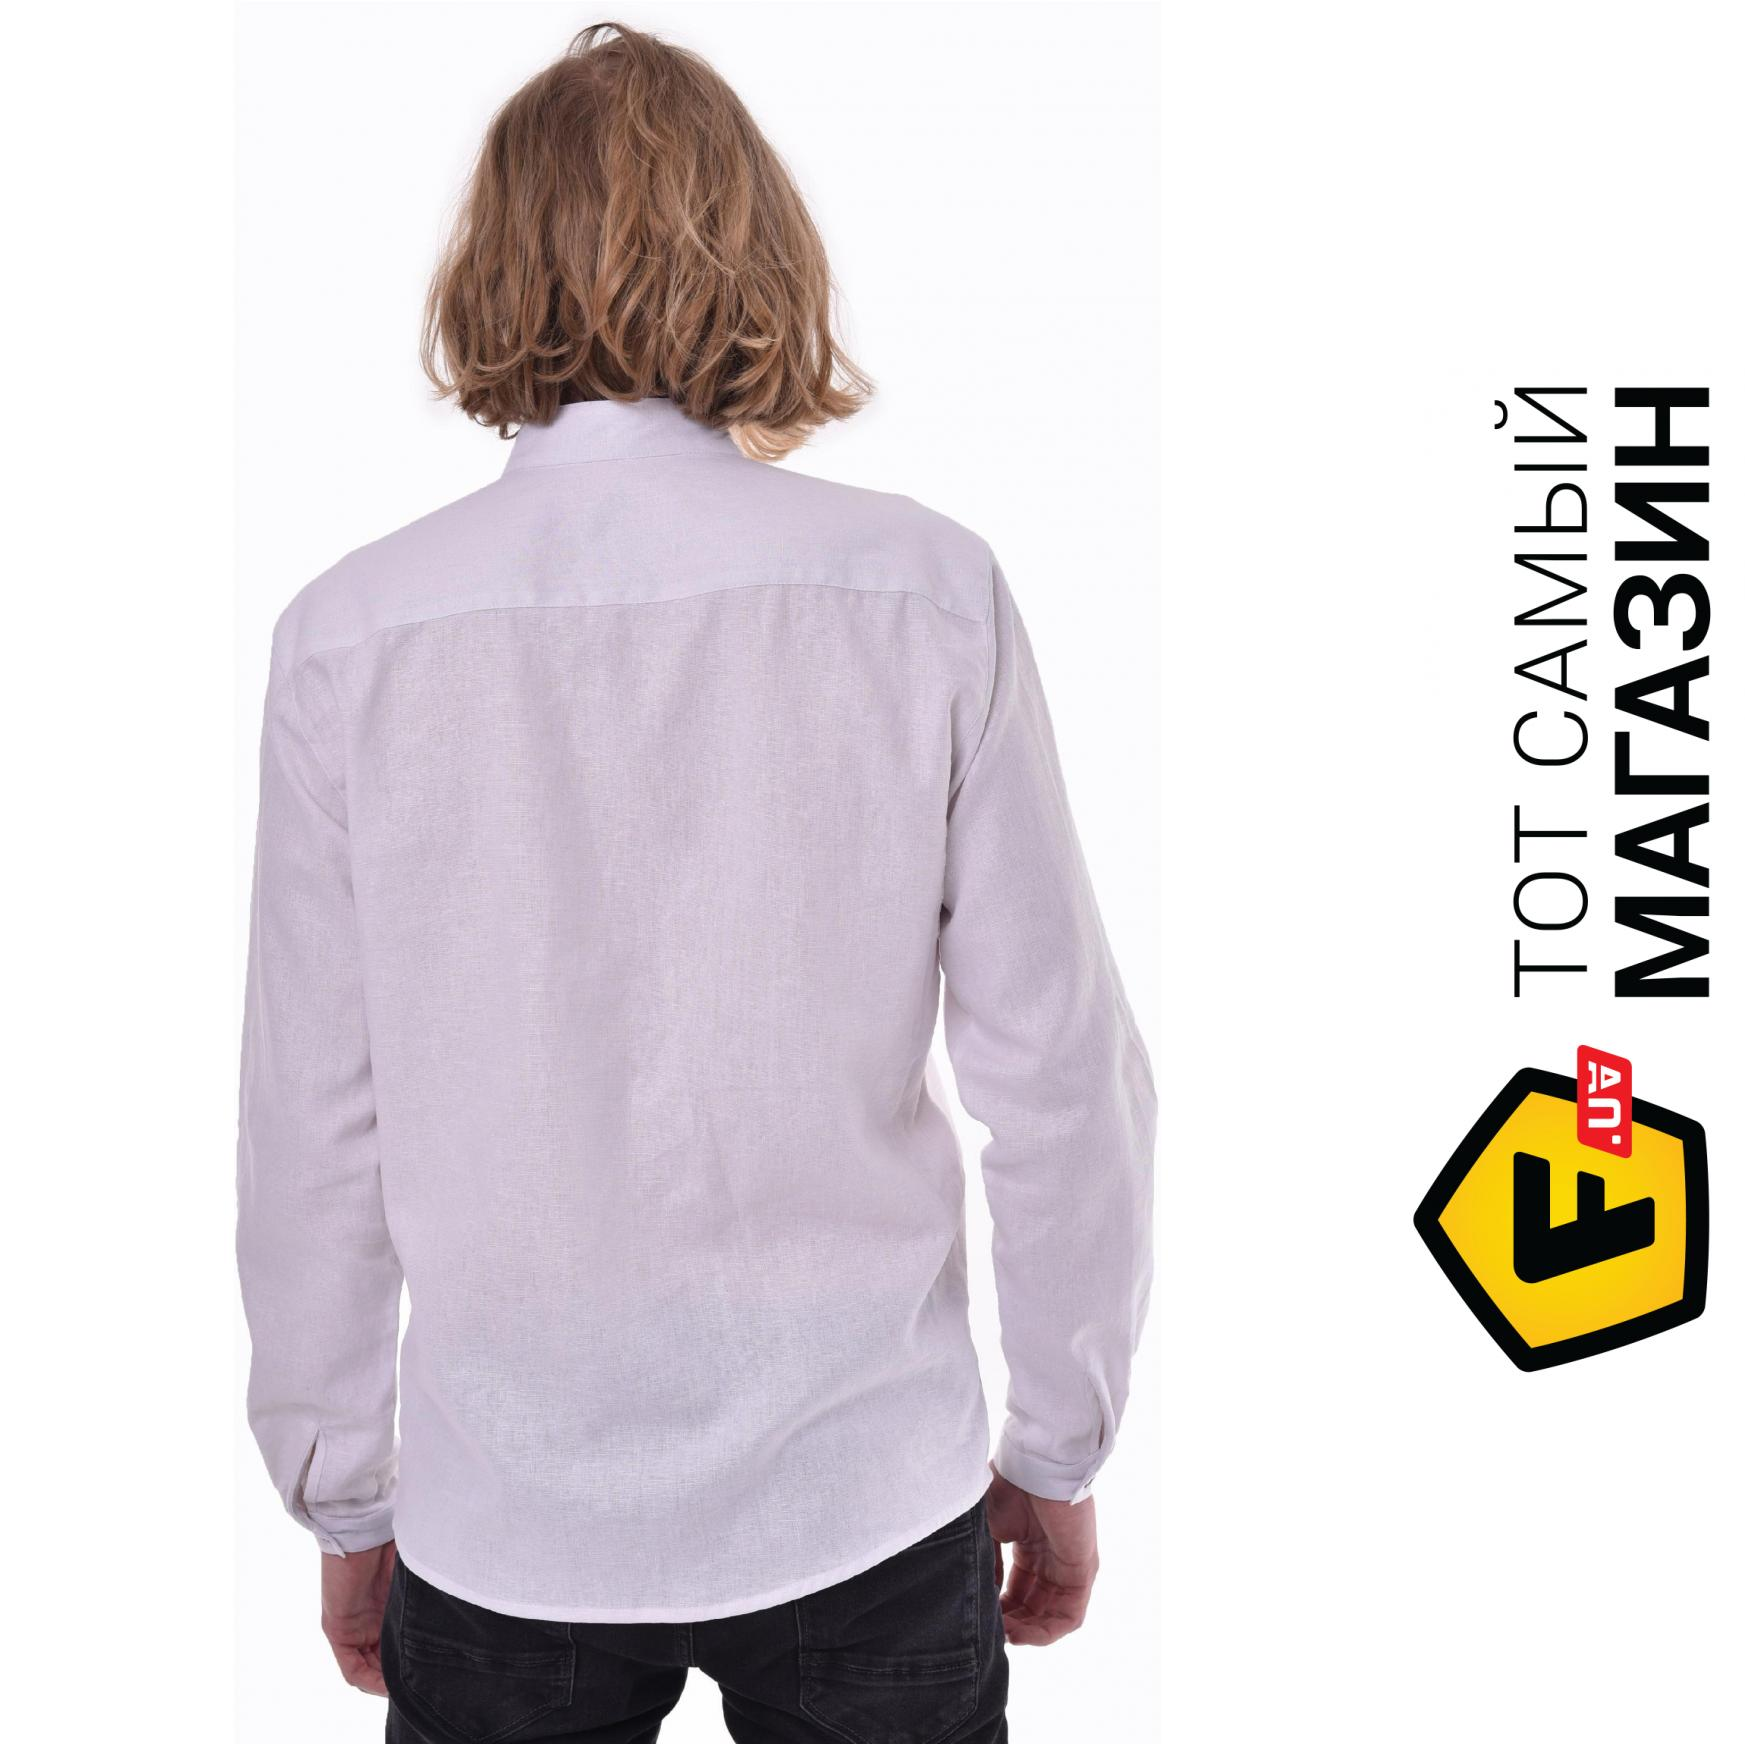 d25514178e7 ᐈ Вышитая мужская сорочка 2KOLYORY Шепіт L Белый ~ Купить  ЦЕНА ...